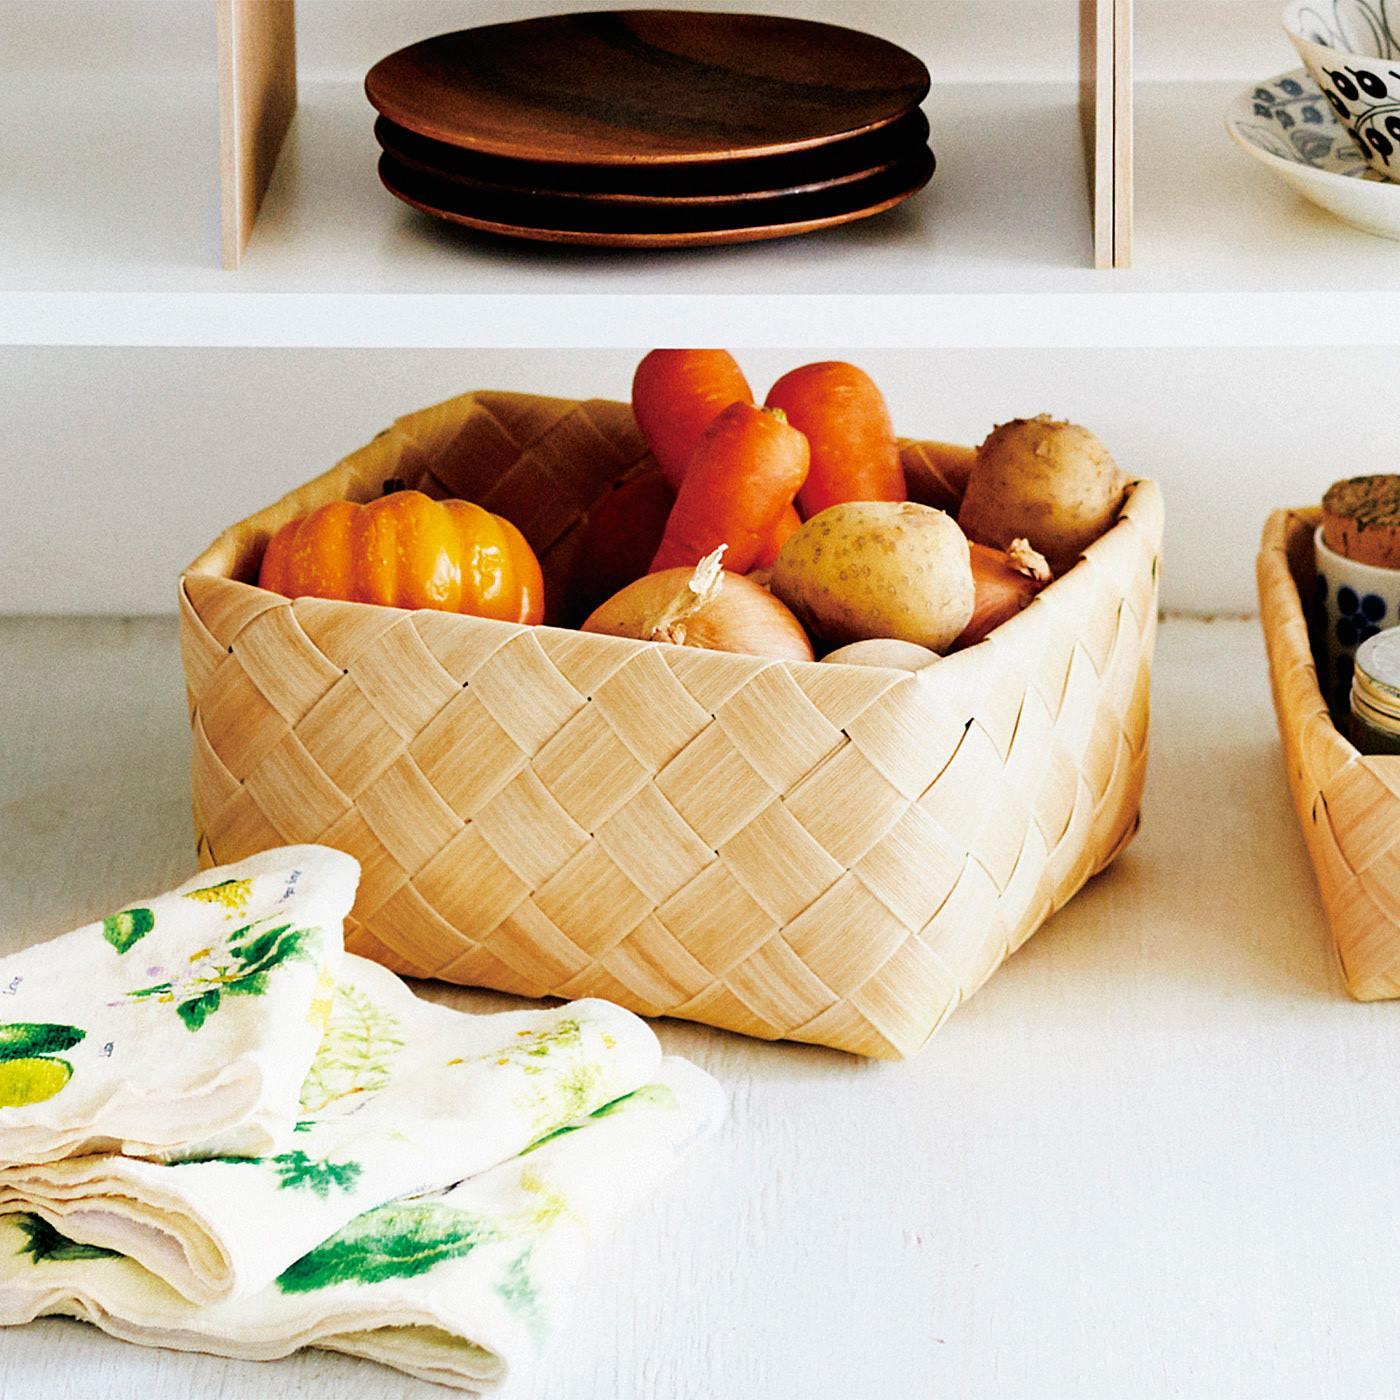 キッチンで。食品の直入れもOKなので、野菜のストックを入れて。